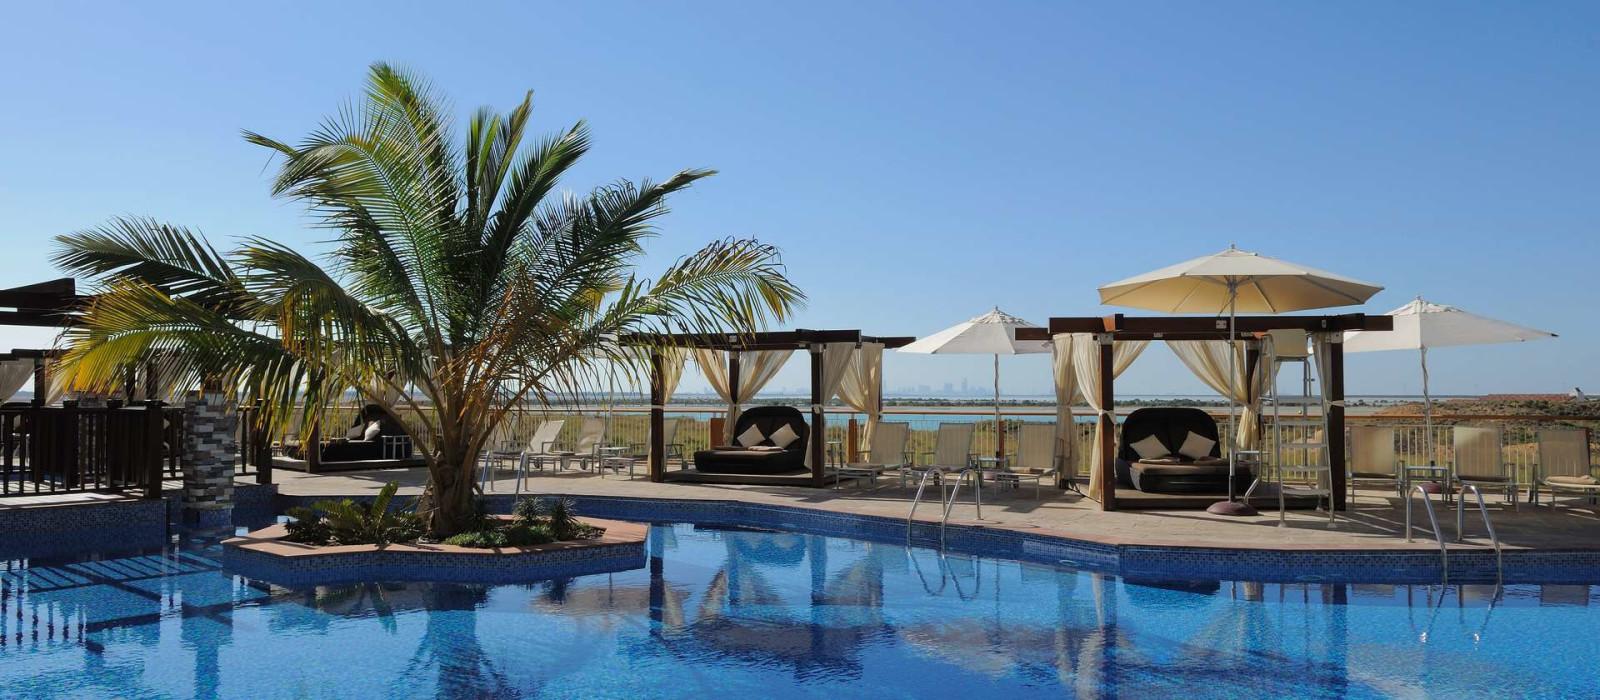 Hotel Radisson Blu , Abu Dhabi Yas Island Vereinigte Arabische Emirate